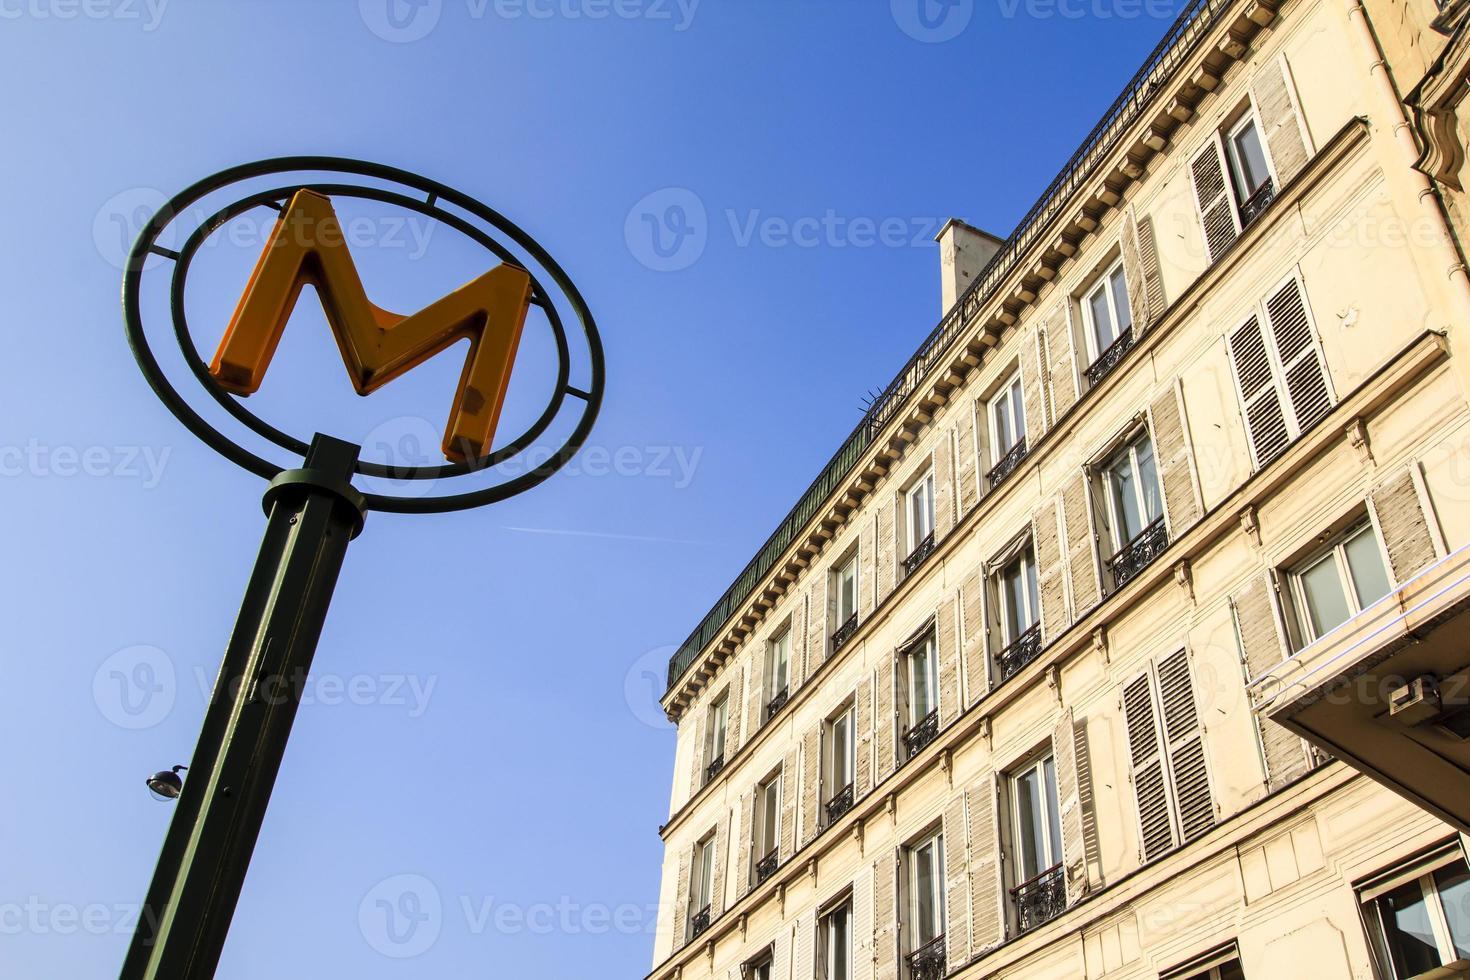 U-Bahn-Zeichen in Paris, Frankreich foto